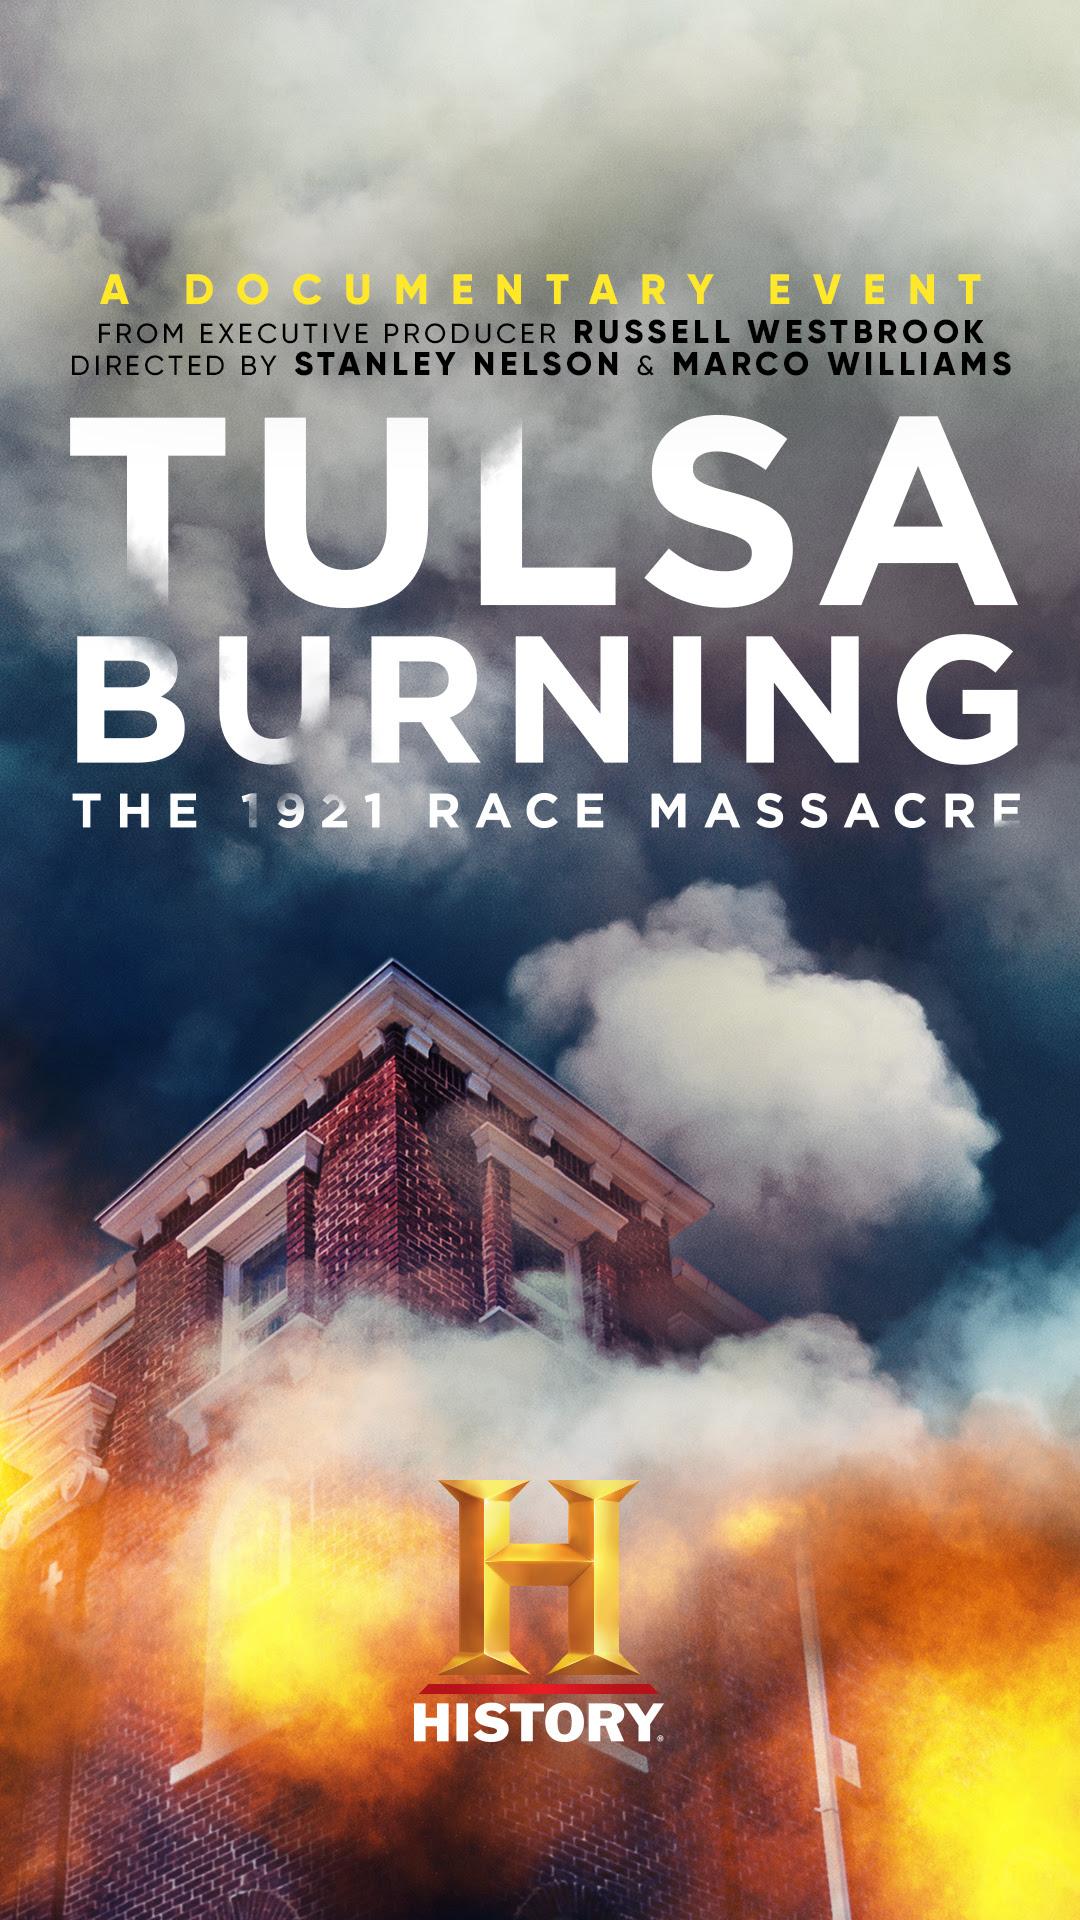 Tulsa Burning: The 1921 Race Massacre